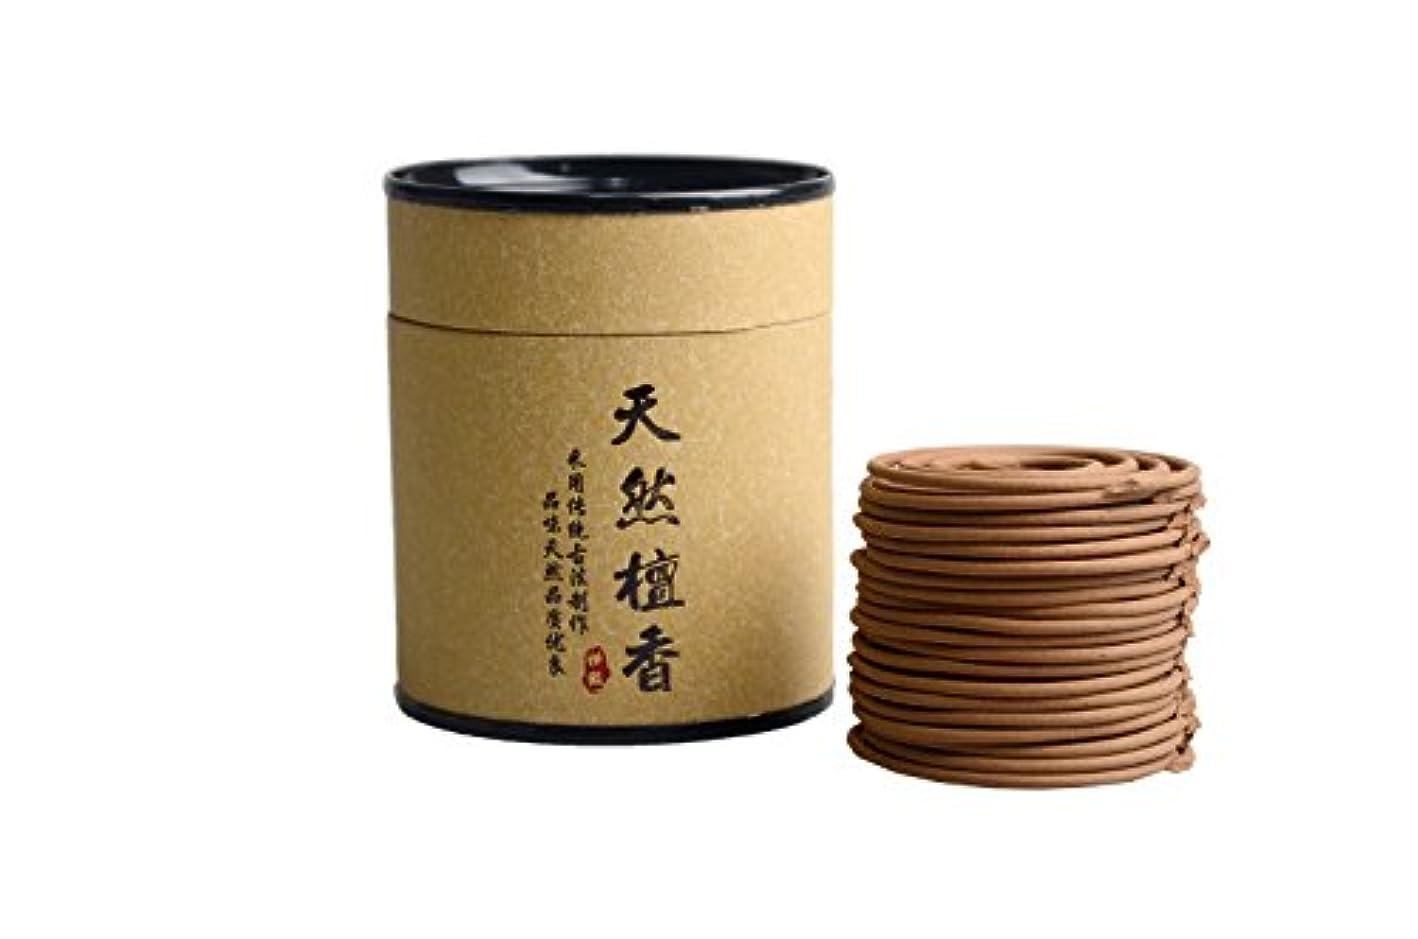 トレイル証明委任Hwagui お香 白檀 優しい香り 渦巻き線香 2時間盤香 40巻入